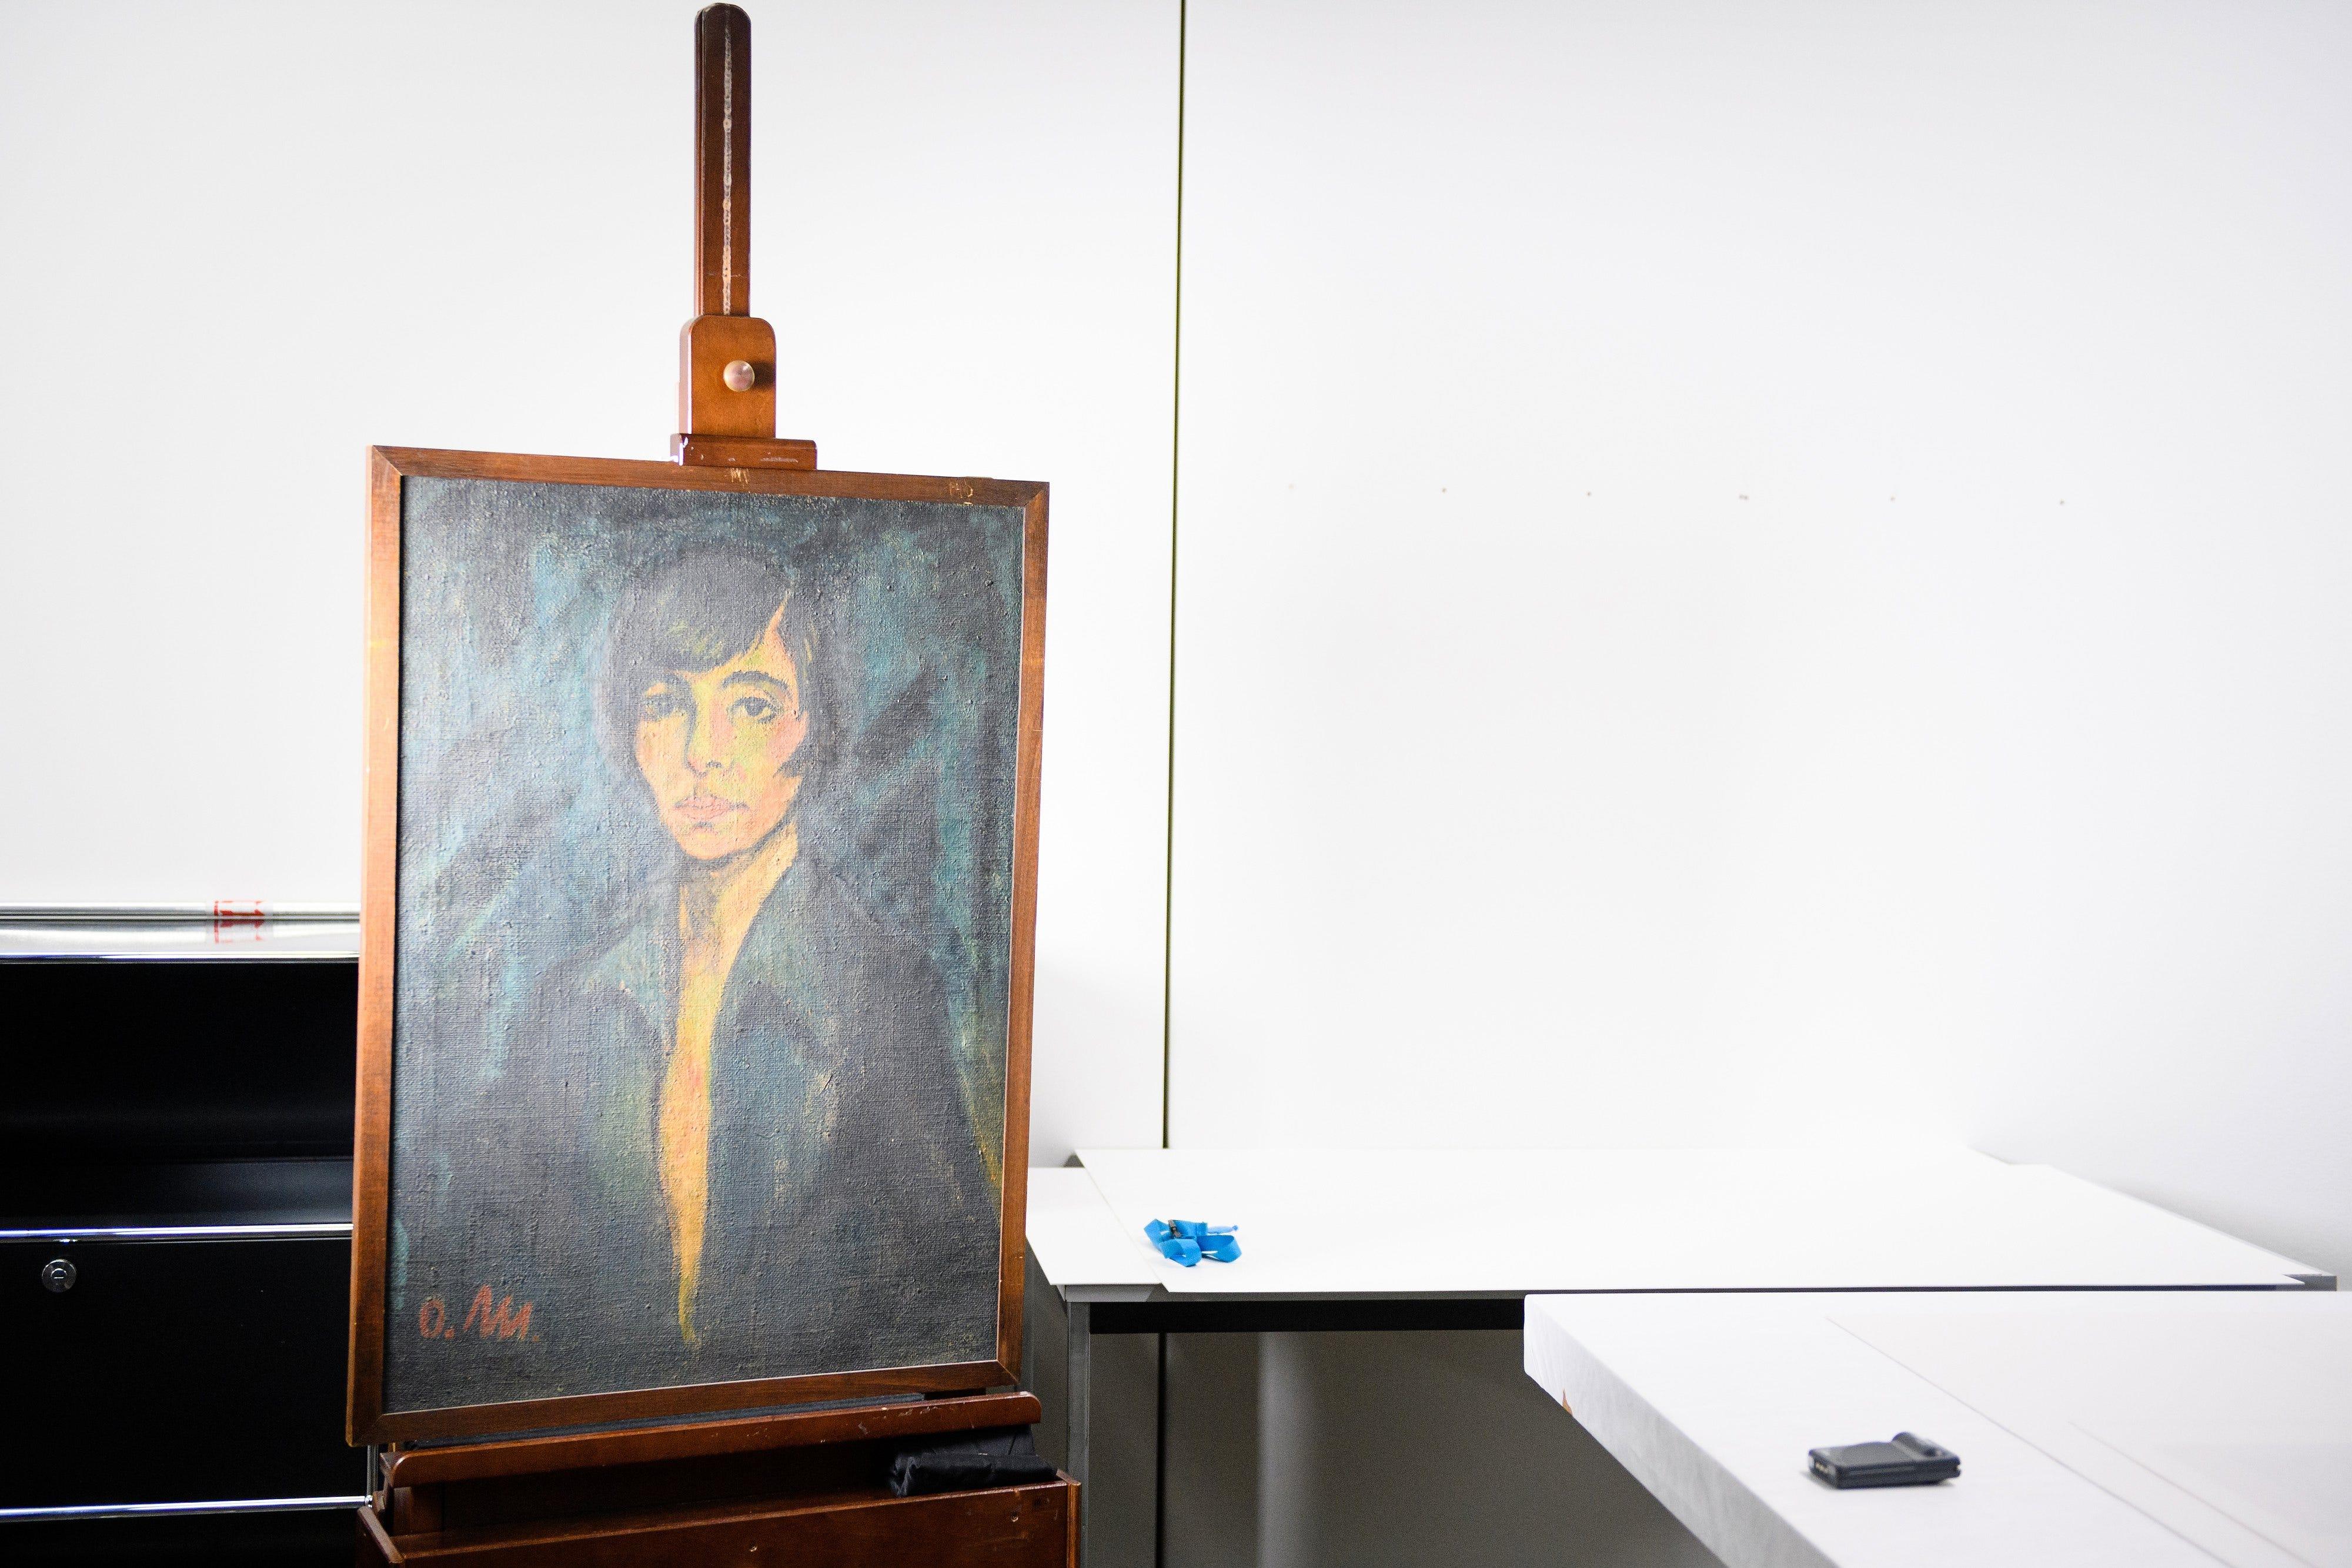 Stolen Nazi-era art found 5 years ago. Public to finally see collection in Switzerland